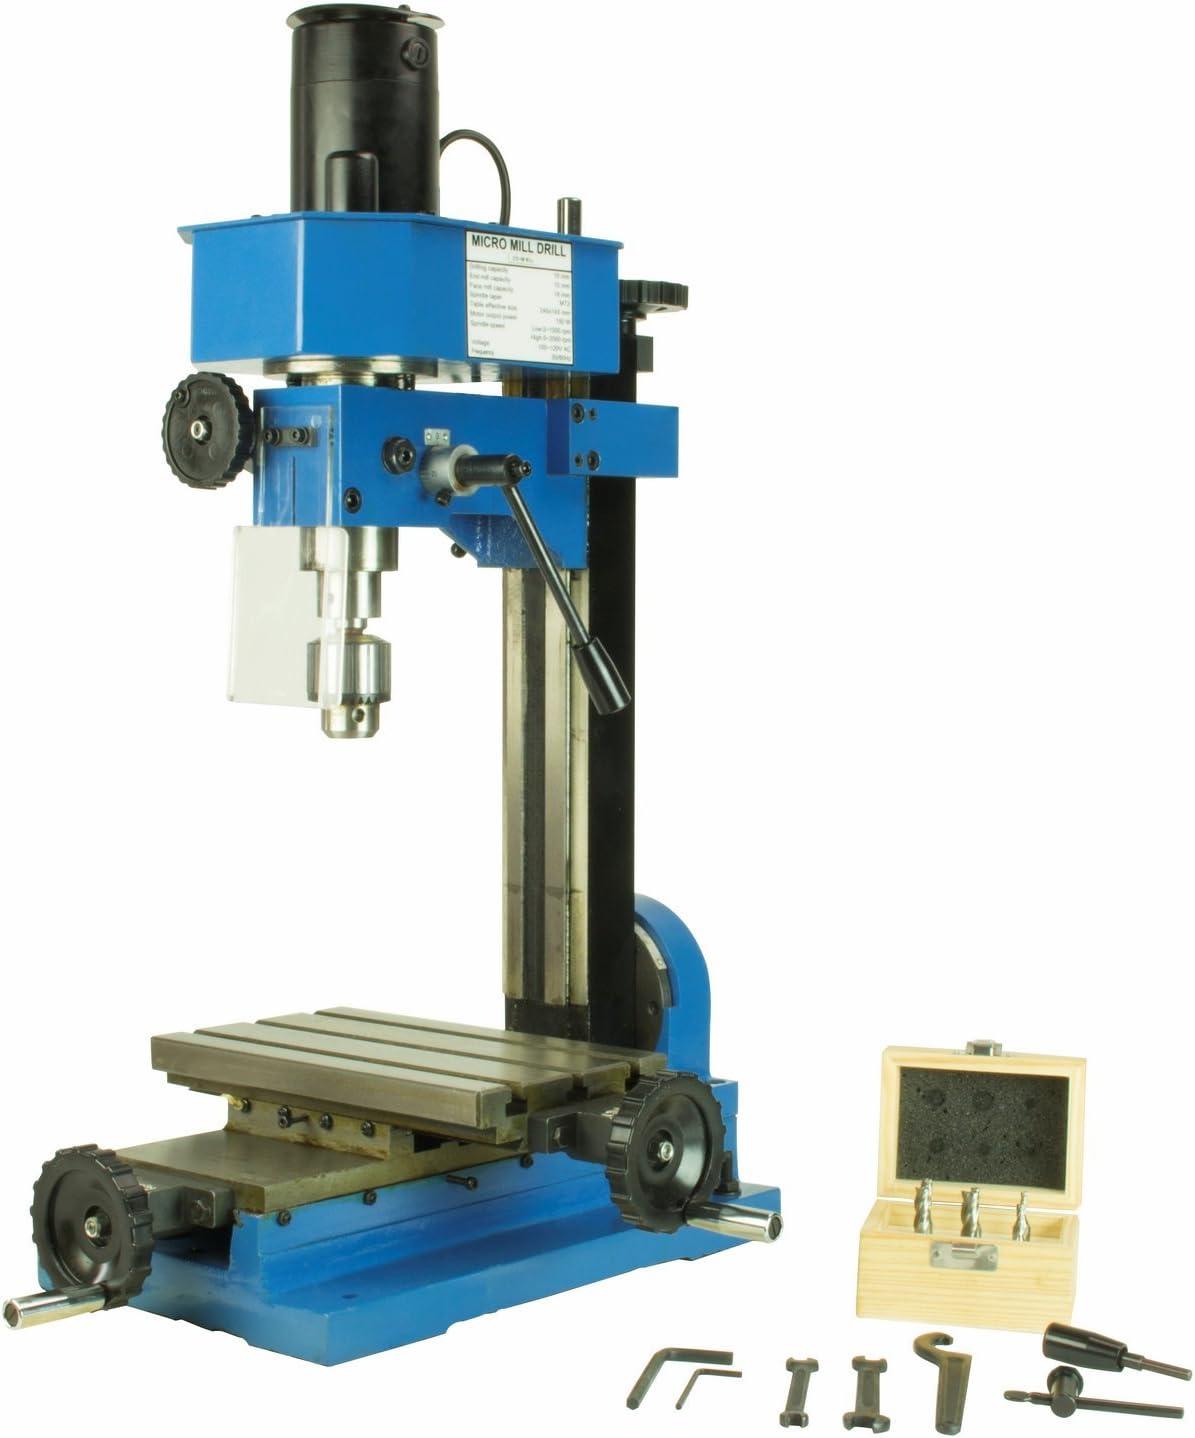 Erie Tools 5 ☆ popular Variable Speed Mini Drilling Press Metal Machine Mill New item